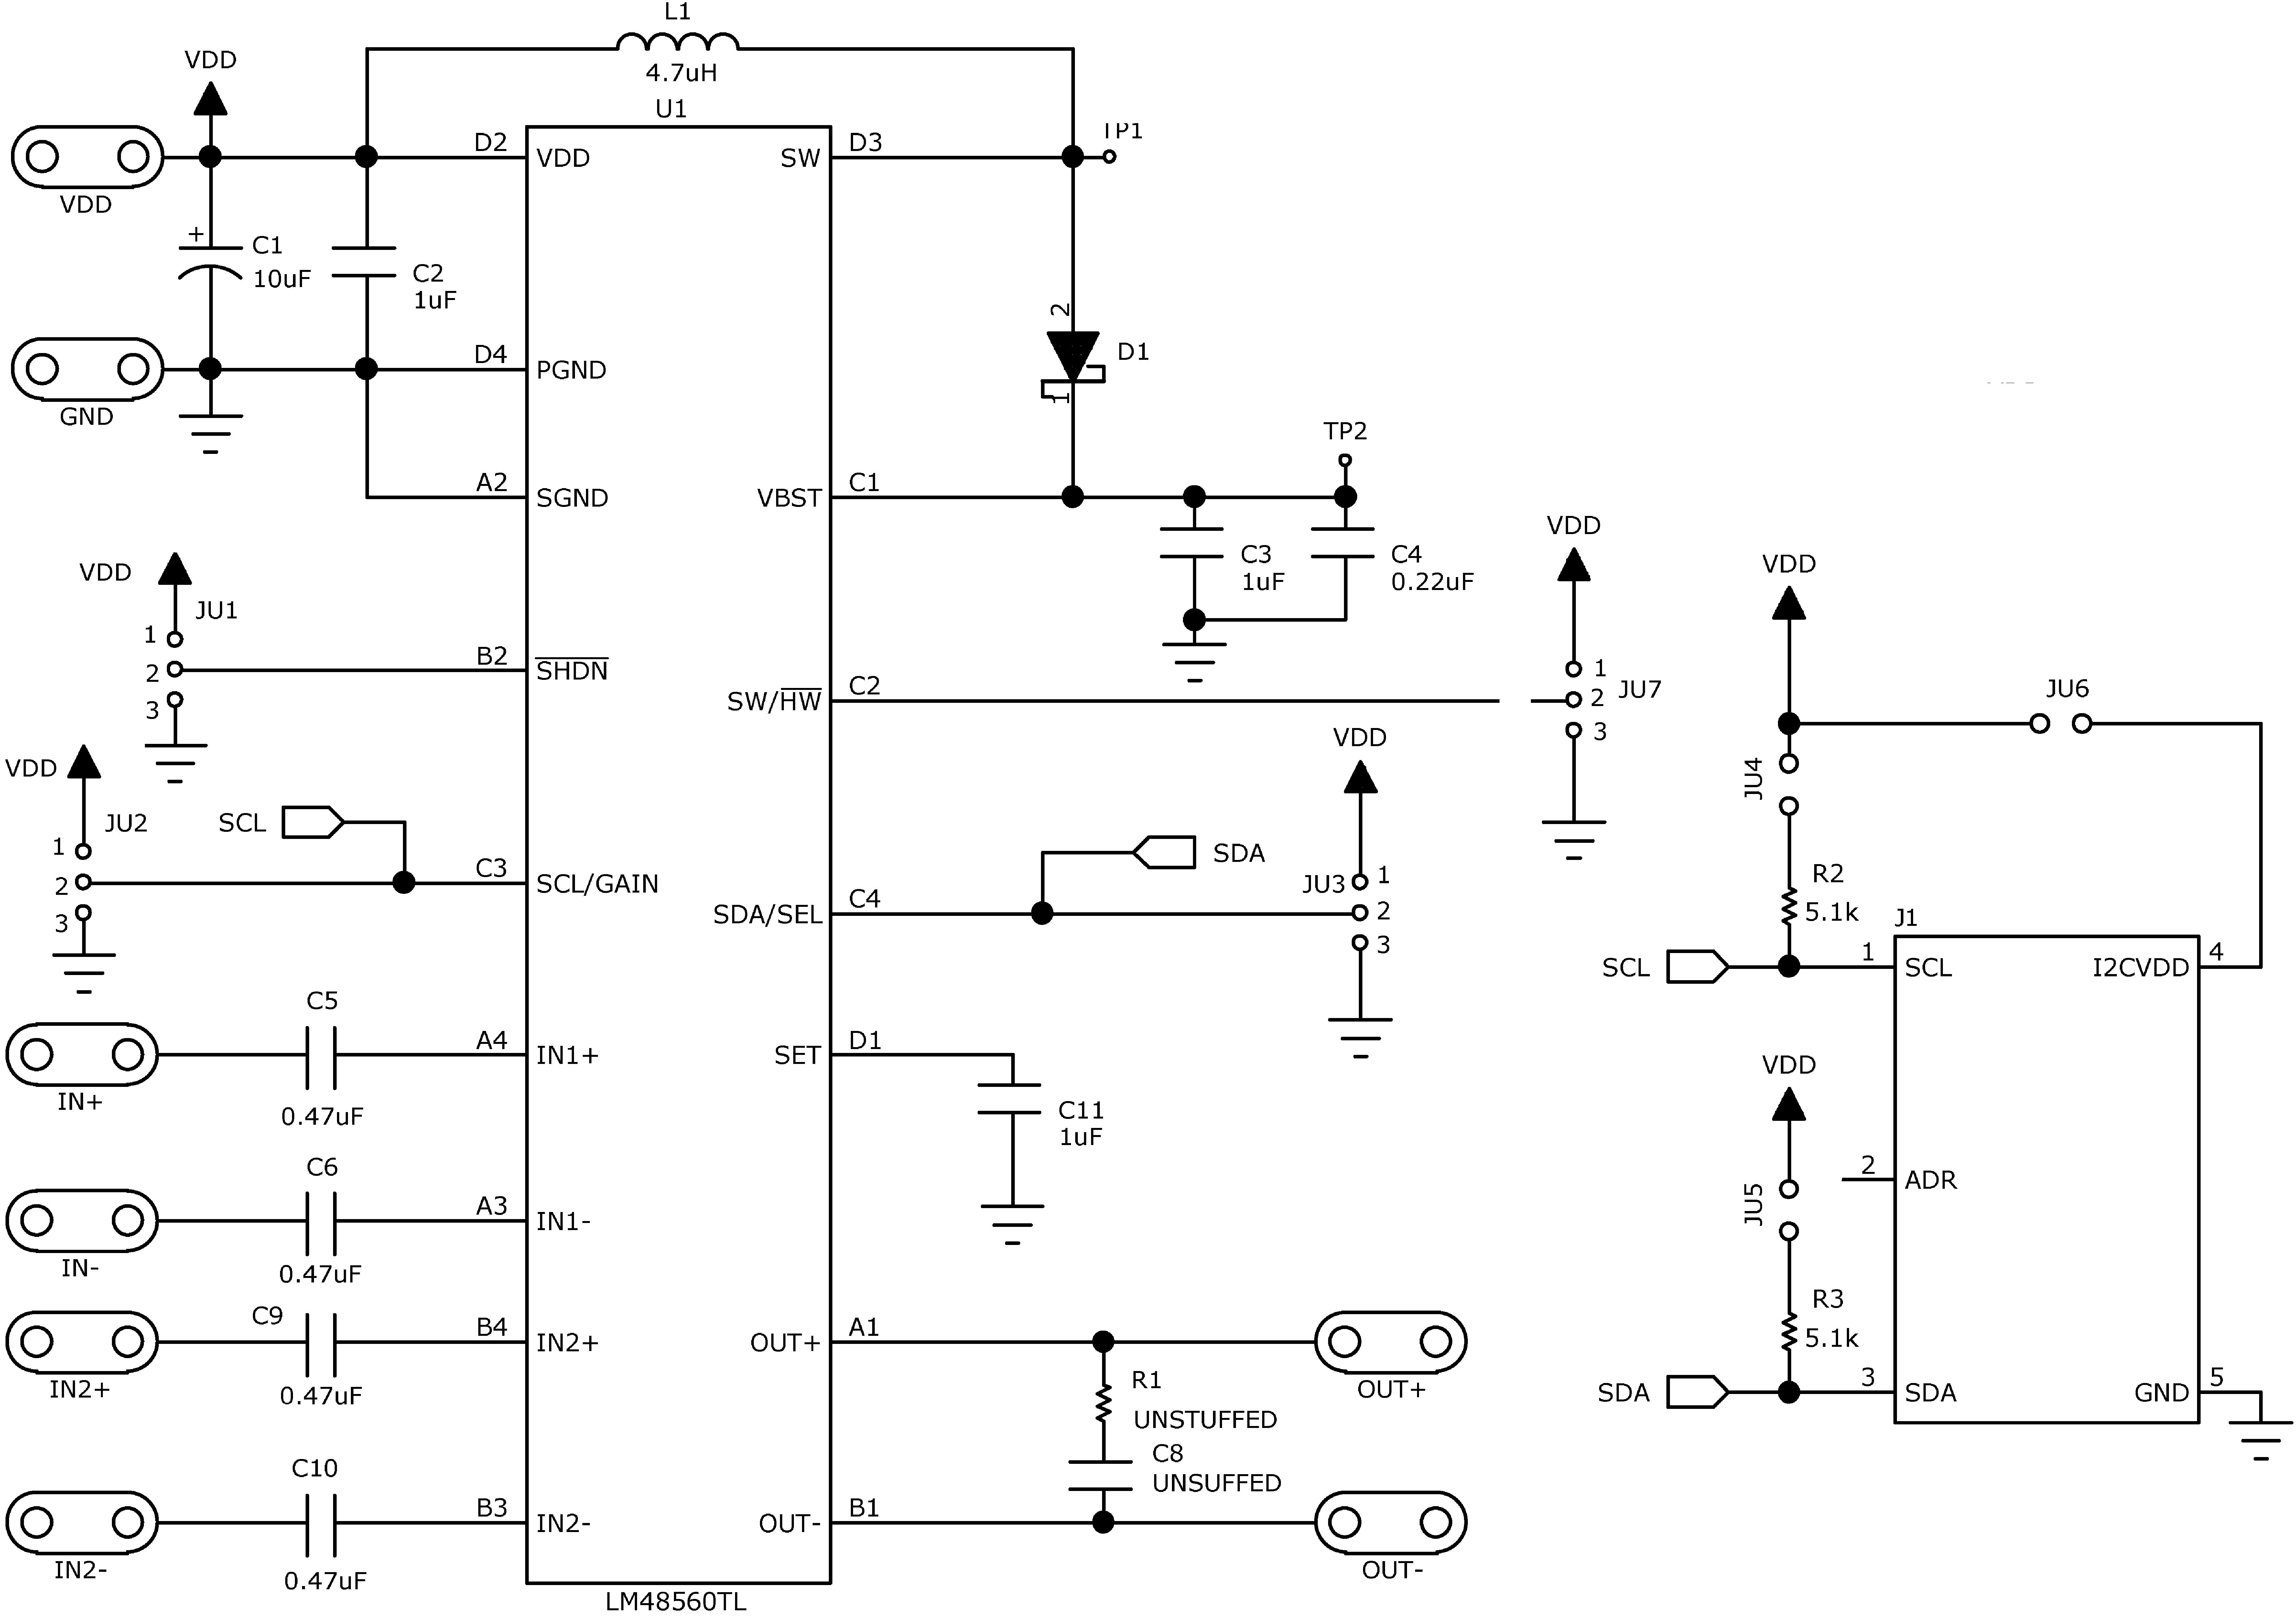 Lm48560 Piezo Buzzer Driver Circuit Diagram 30150779 Figure 28 Demo Board Schematic